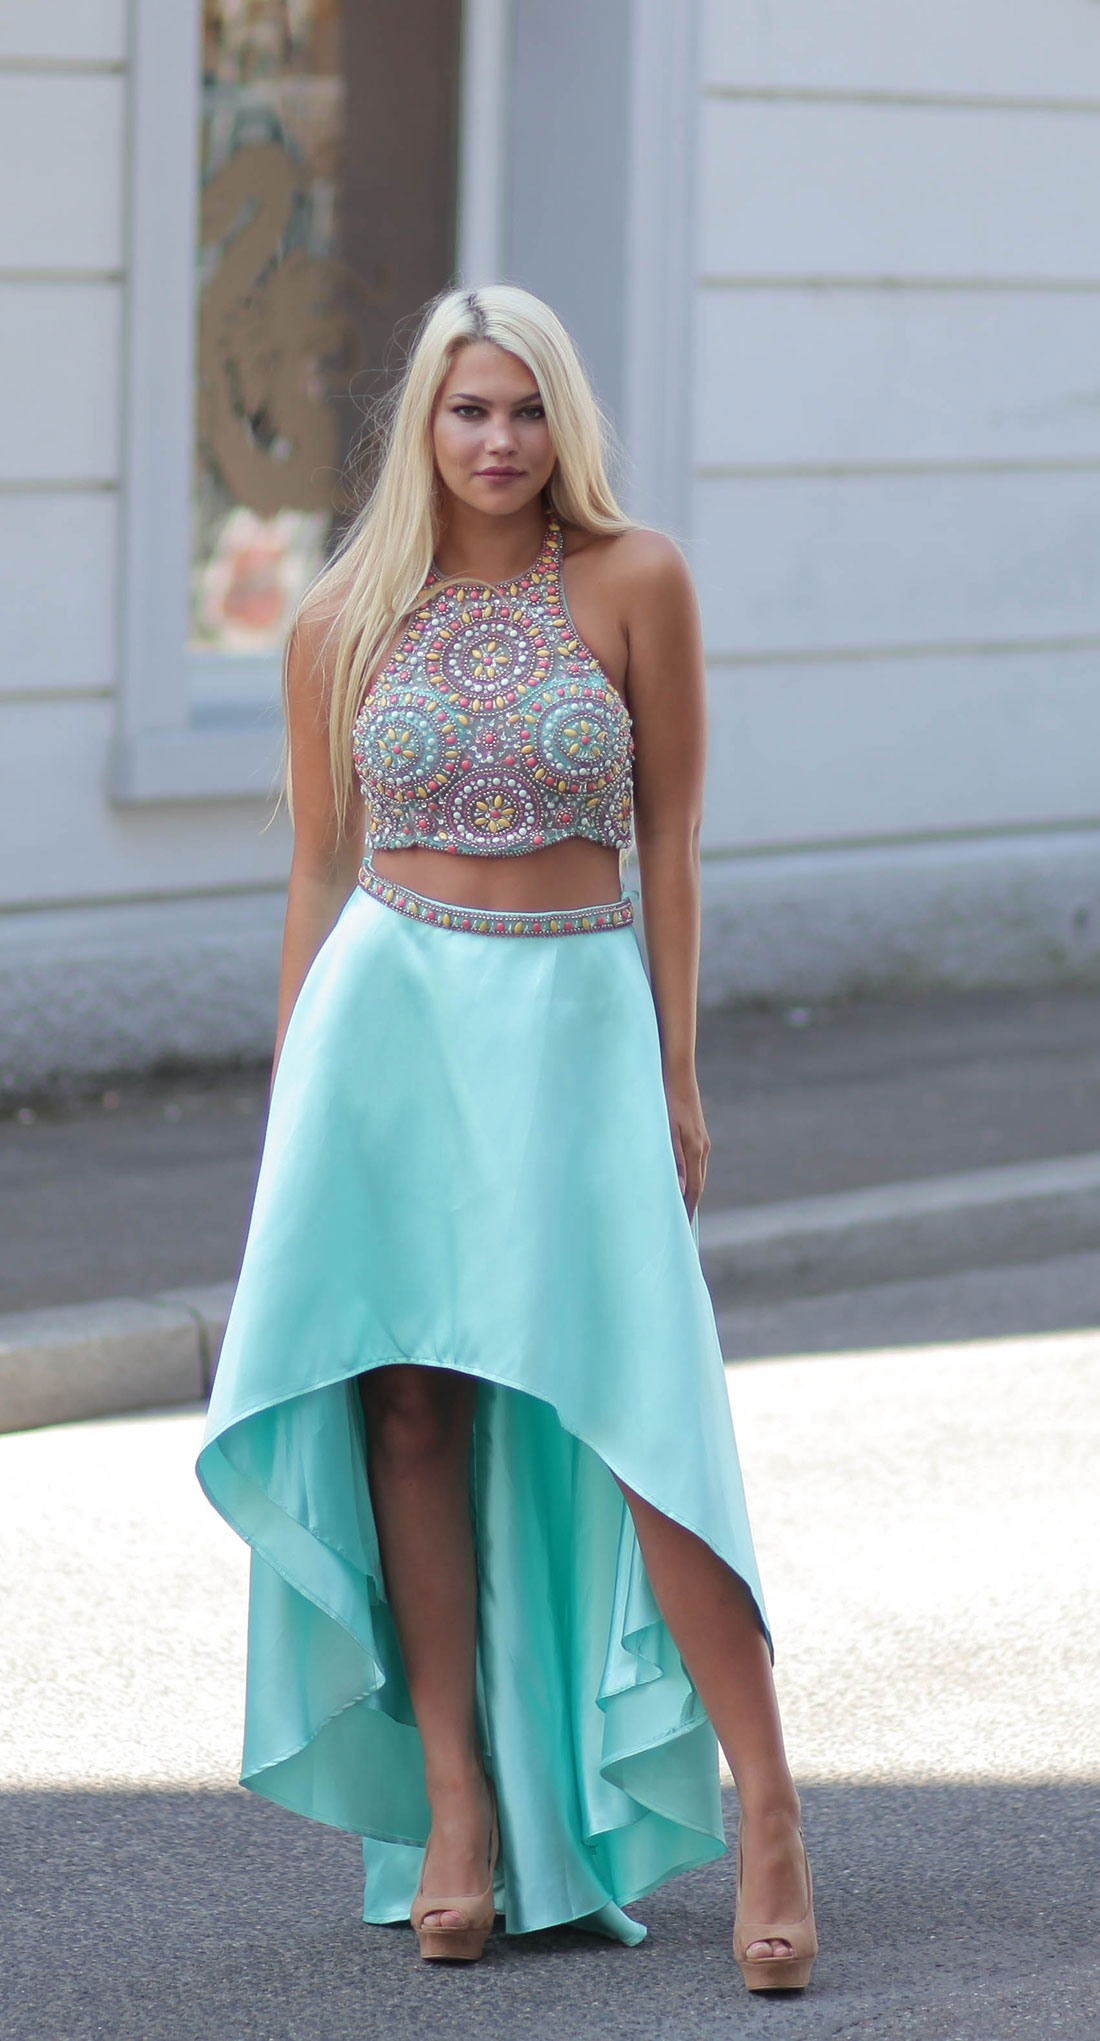 20 Schön Kleider Zweiteiliges Abendkleid StylishAbend Wunderbar Kleider Zweiteiliges Abendkleid Ärmel